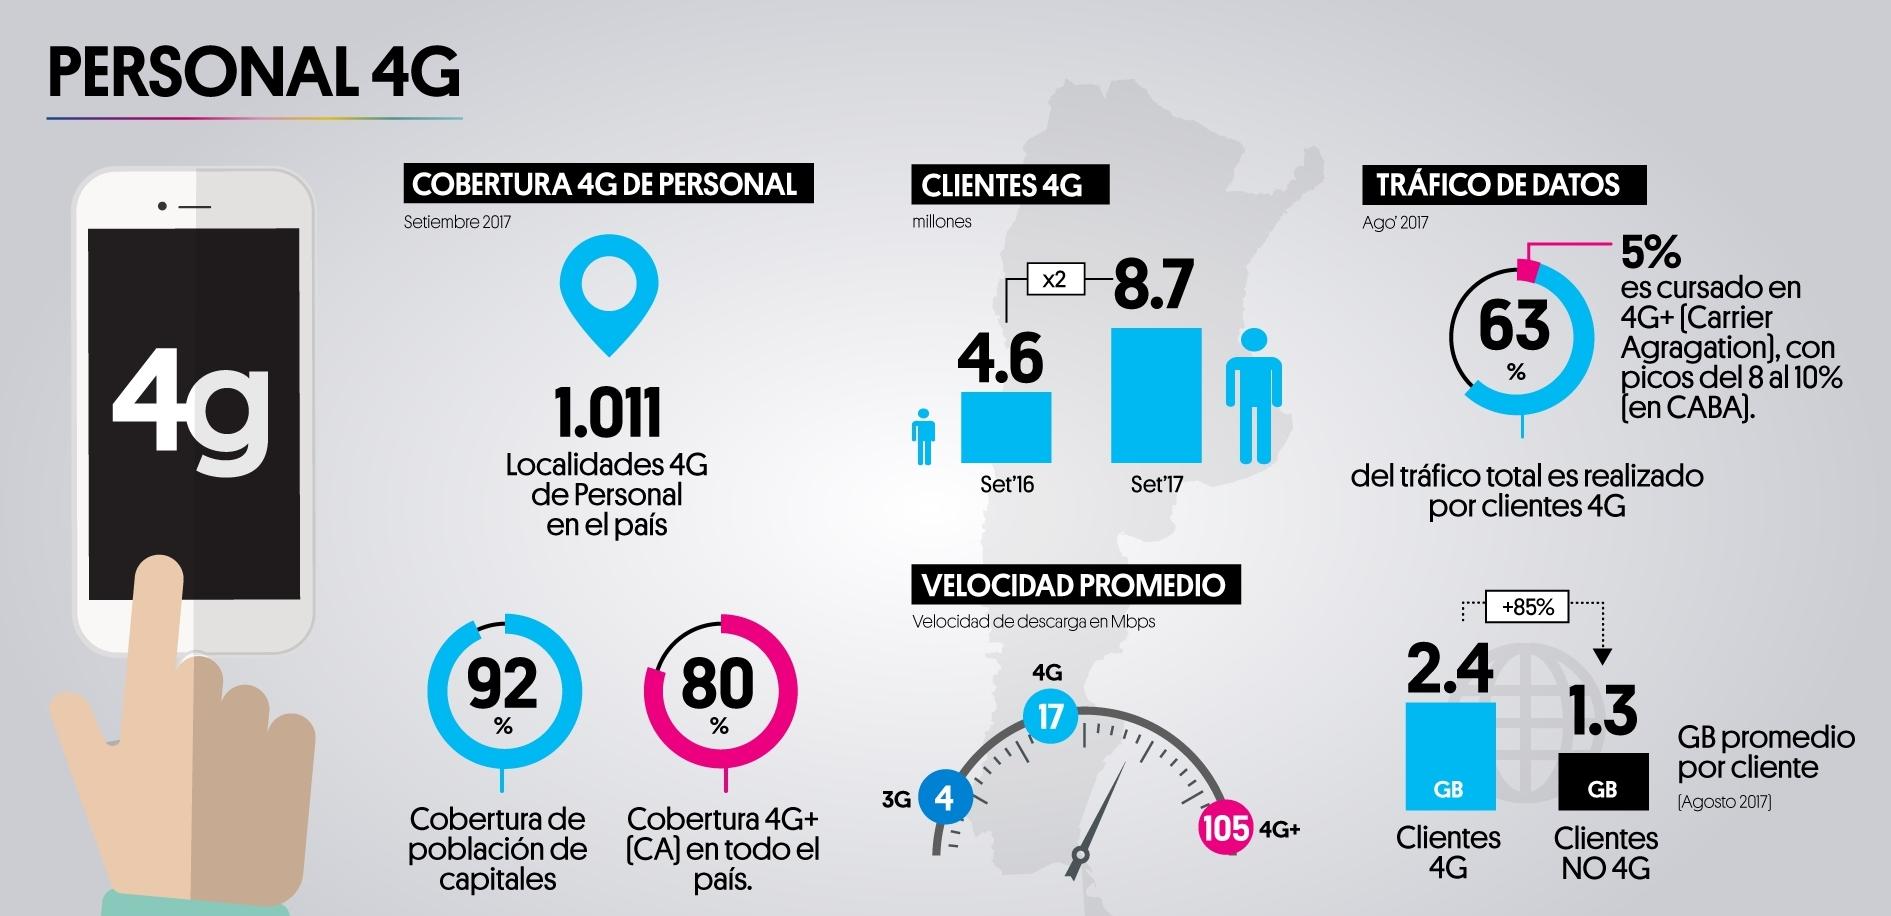 Infografía del despliege 4G de Personal en Argentina.